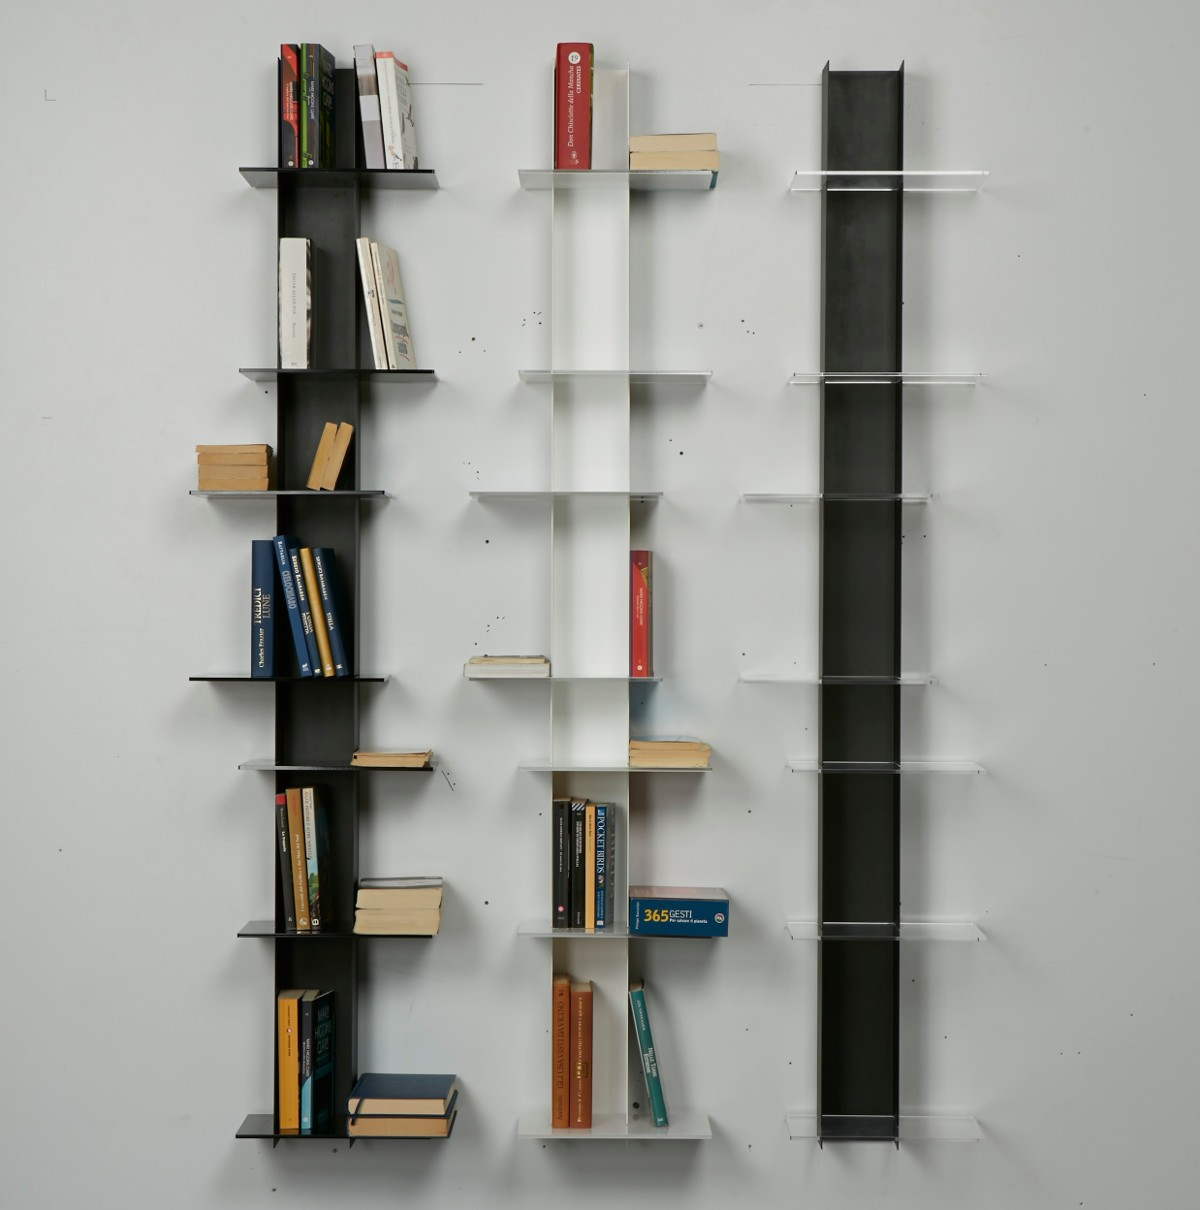 Libreria Verticale In Metallo.Libreria Da Parete In Metallo Colore Nero E Bianco Elib7